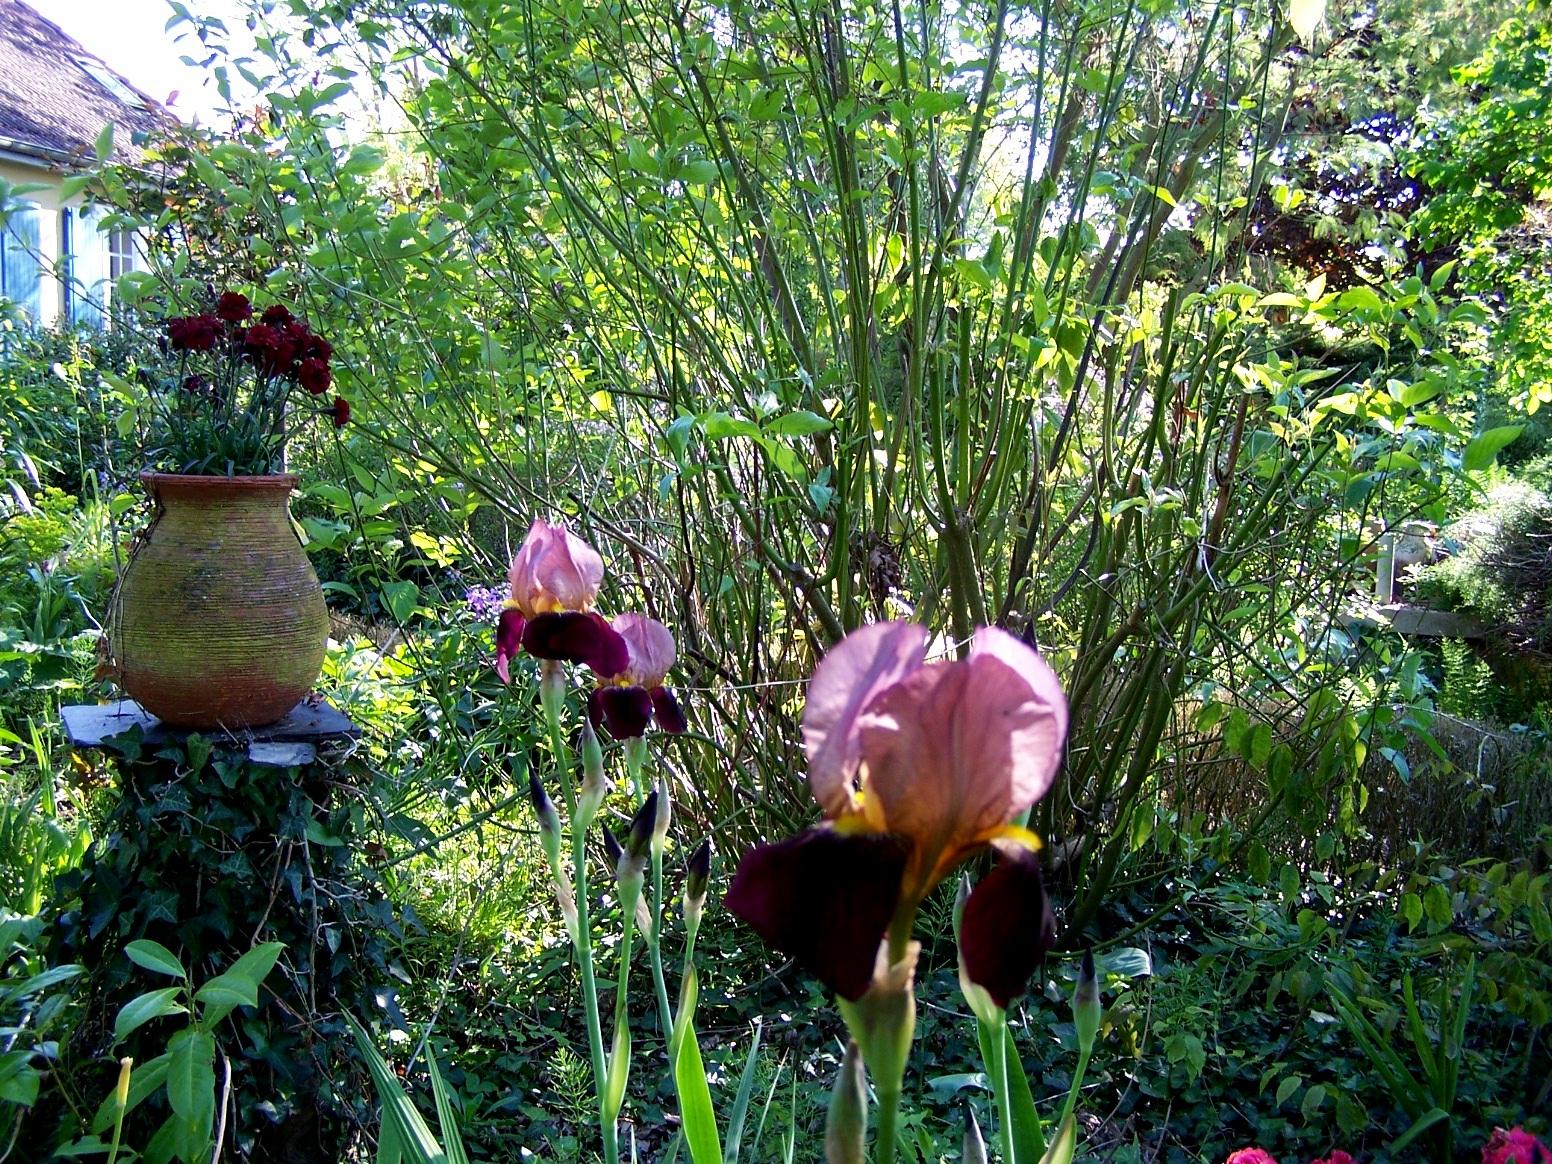 Bienvenue dans mon jardin a fill sur sarthe iris ni vu for Bienvenue dans mon jardin